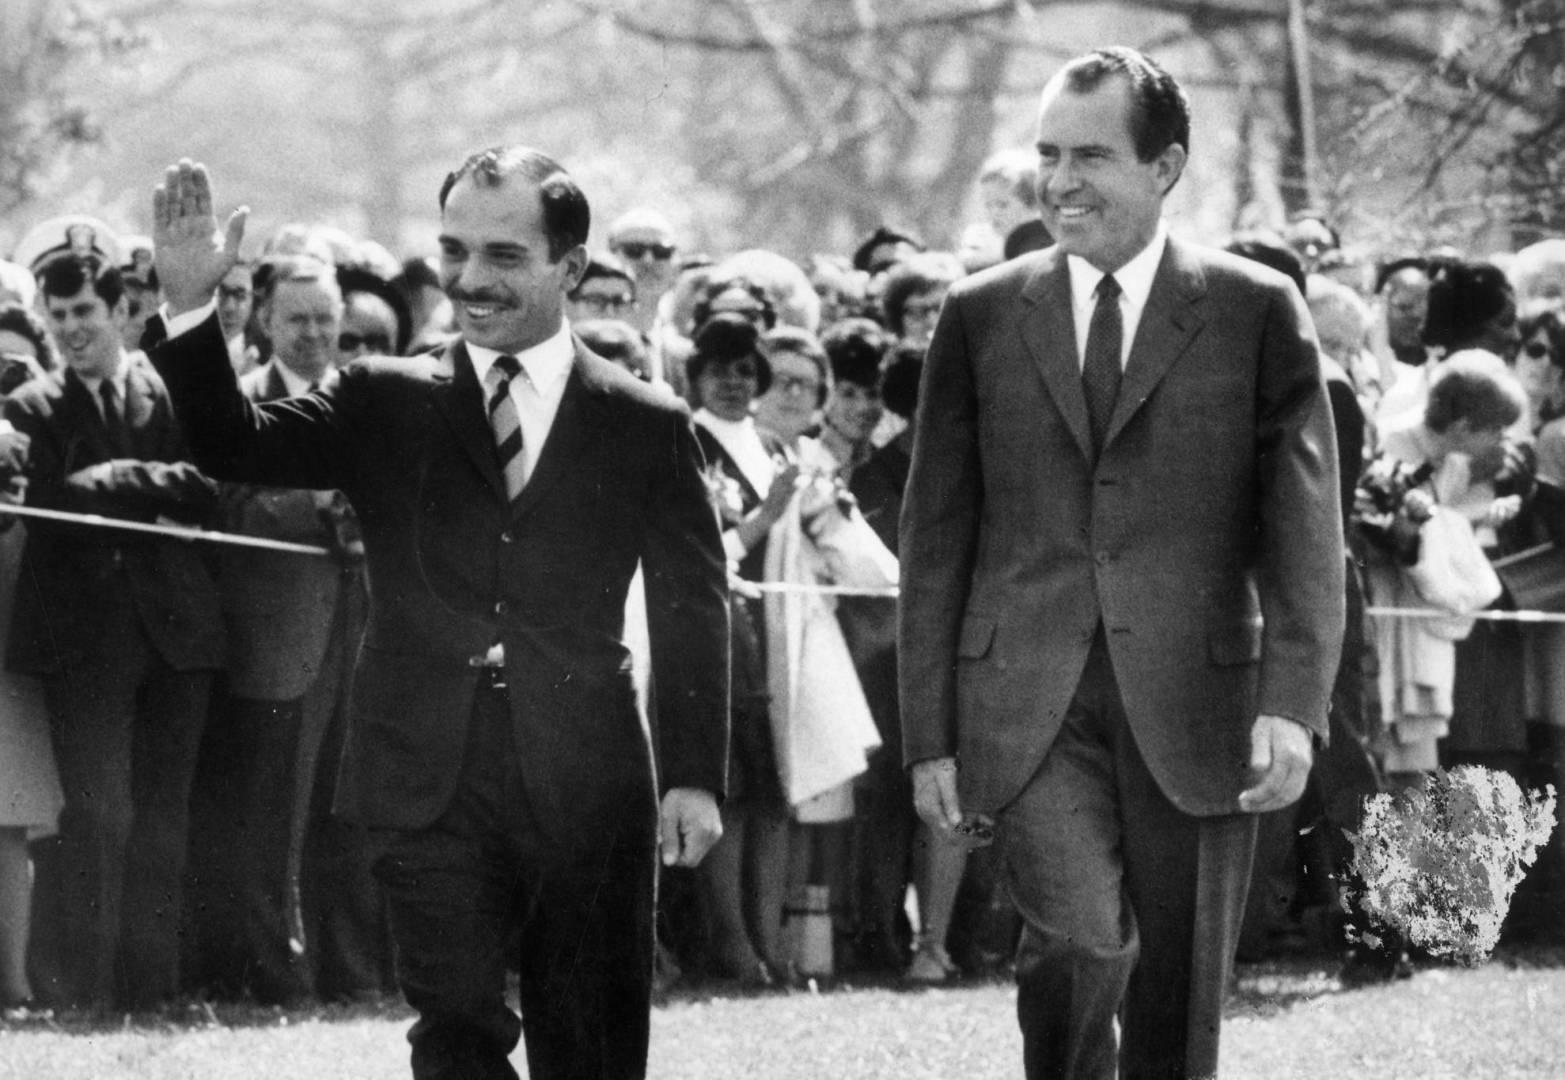 الرئيس الأميركي ريتشارد نيكسون وملك الأردن حسين بن طلال